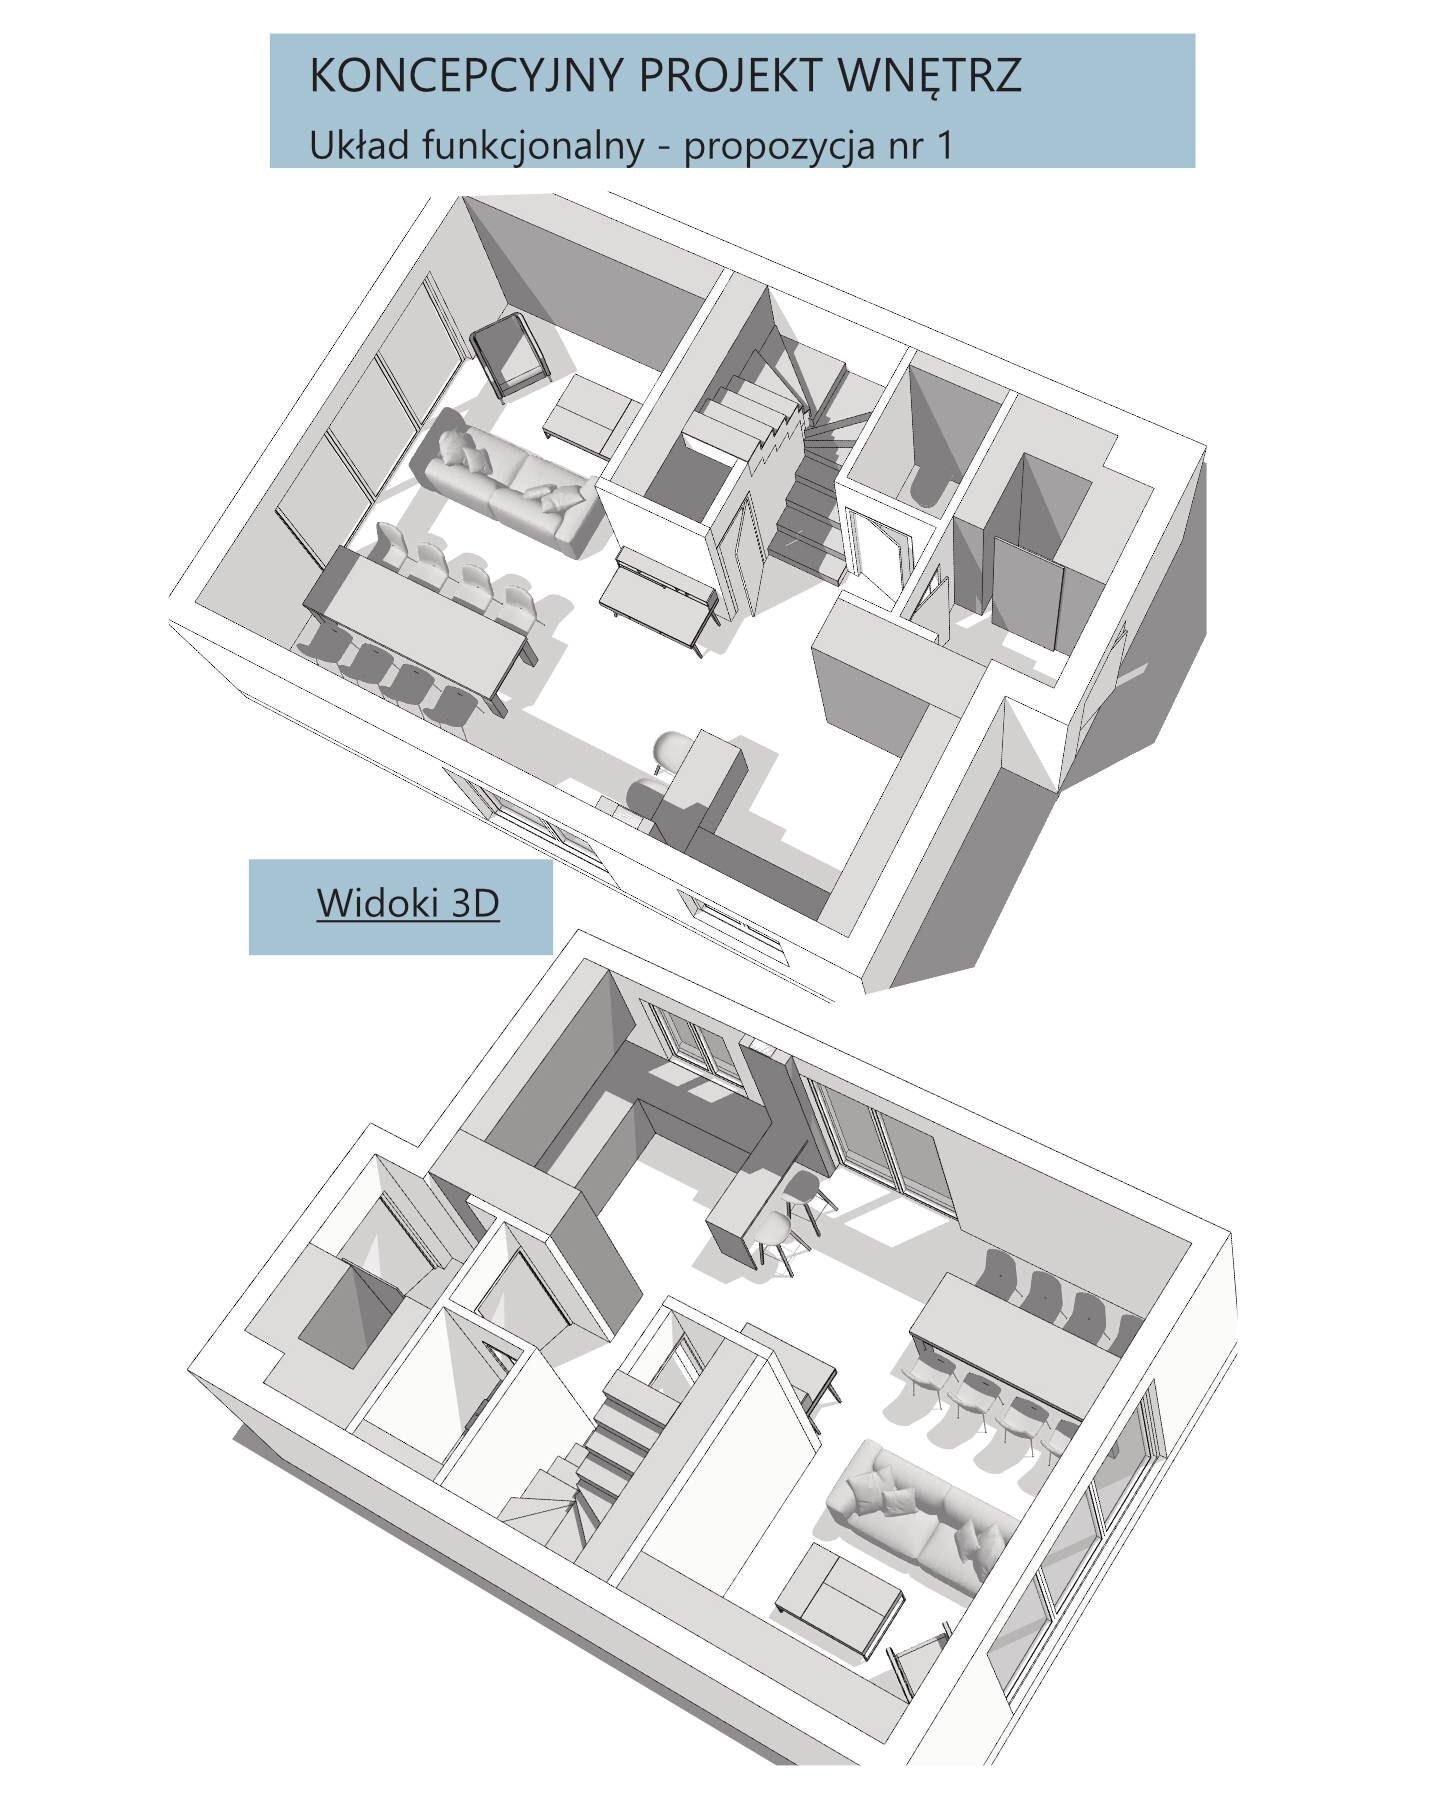 Widoki 3D - do zaproponowanego układu funkcjonalnego